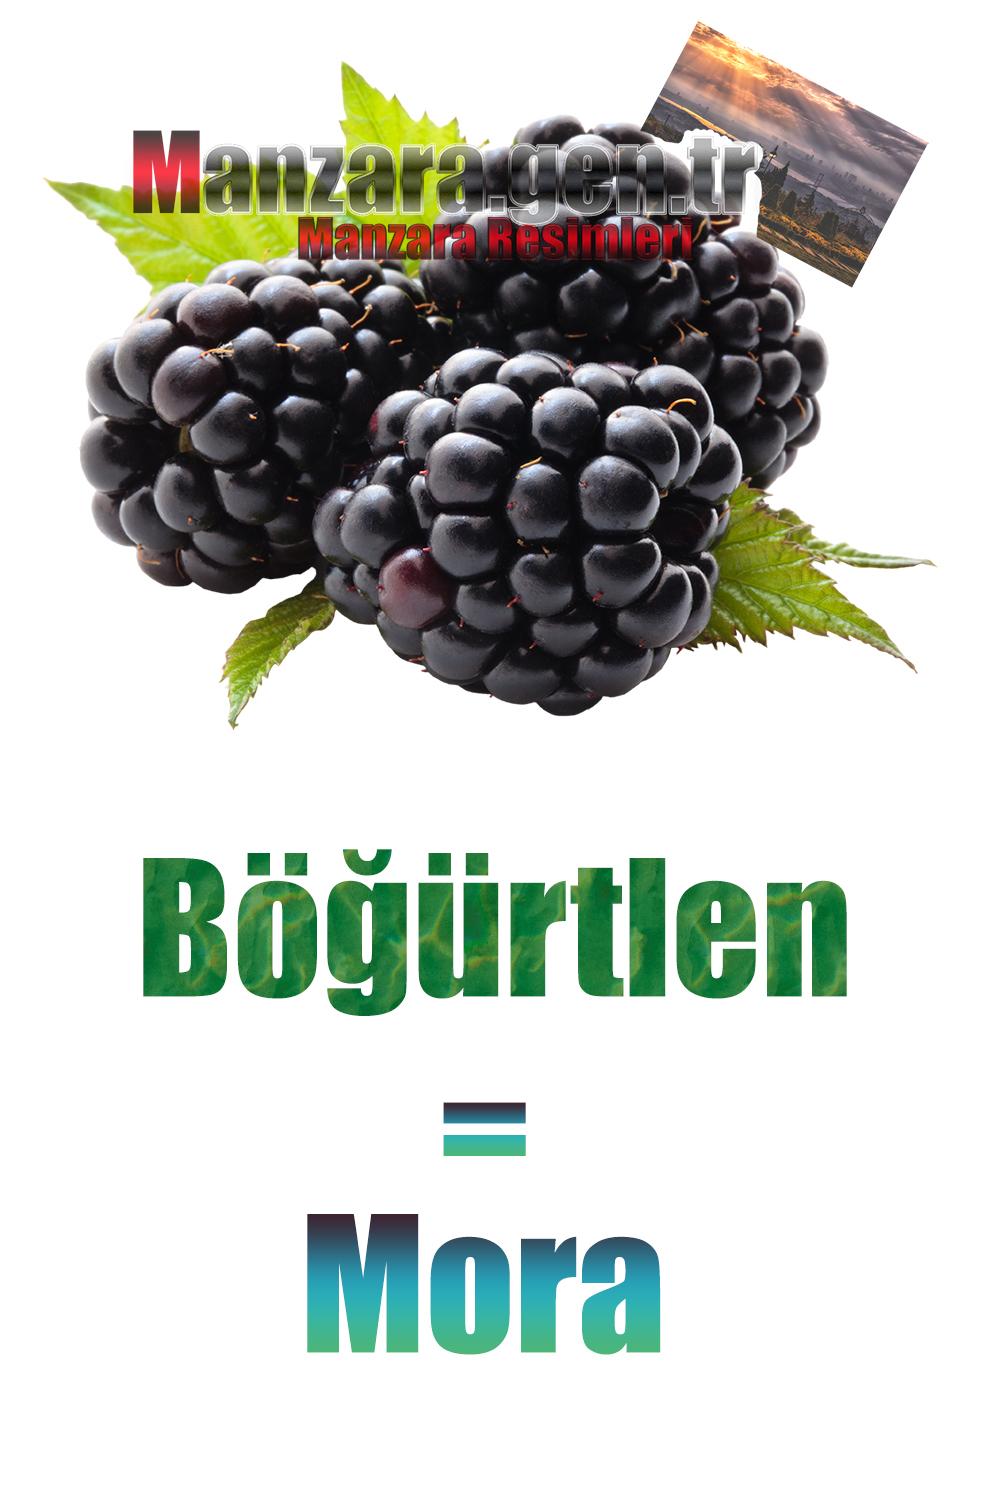 Böğürtlenin İtalyancası Nedir ? Böğürtlen İtalyanca Nasıl Yazılır ? Che cos'è il turco in Blackberry? Come scrivere Blackberry in turco?